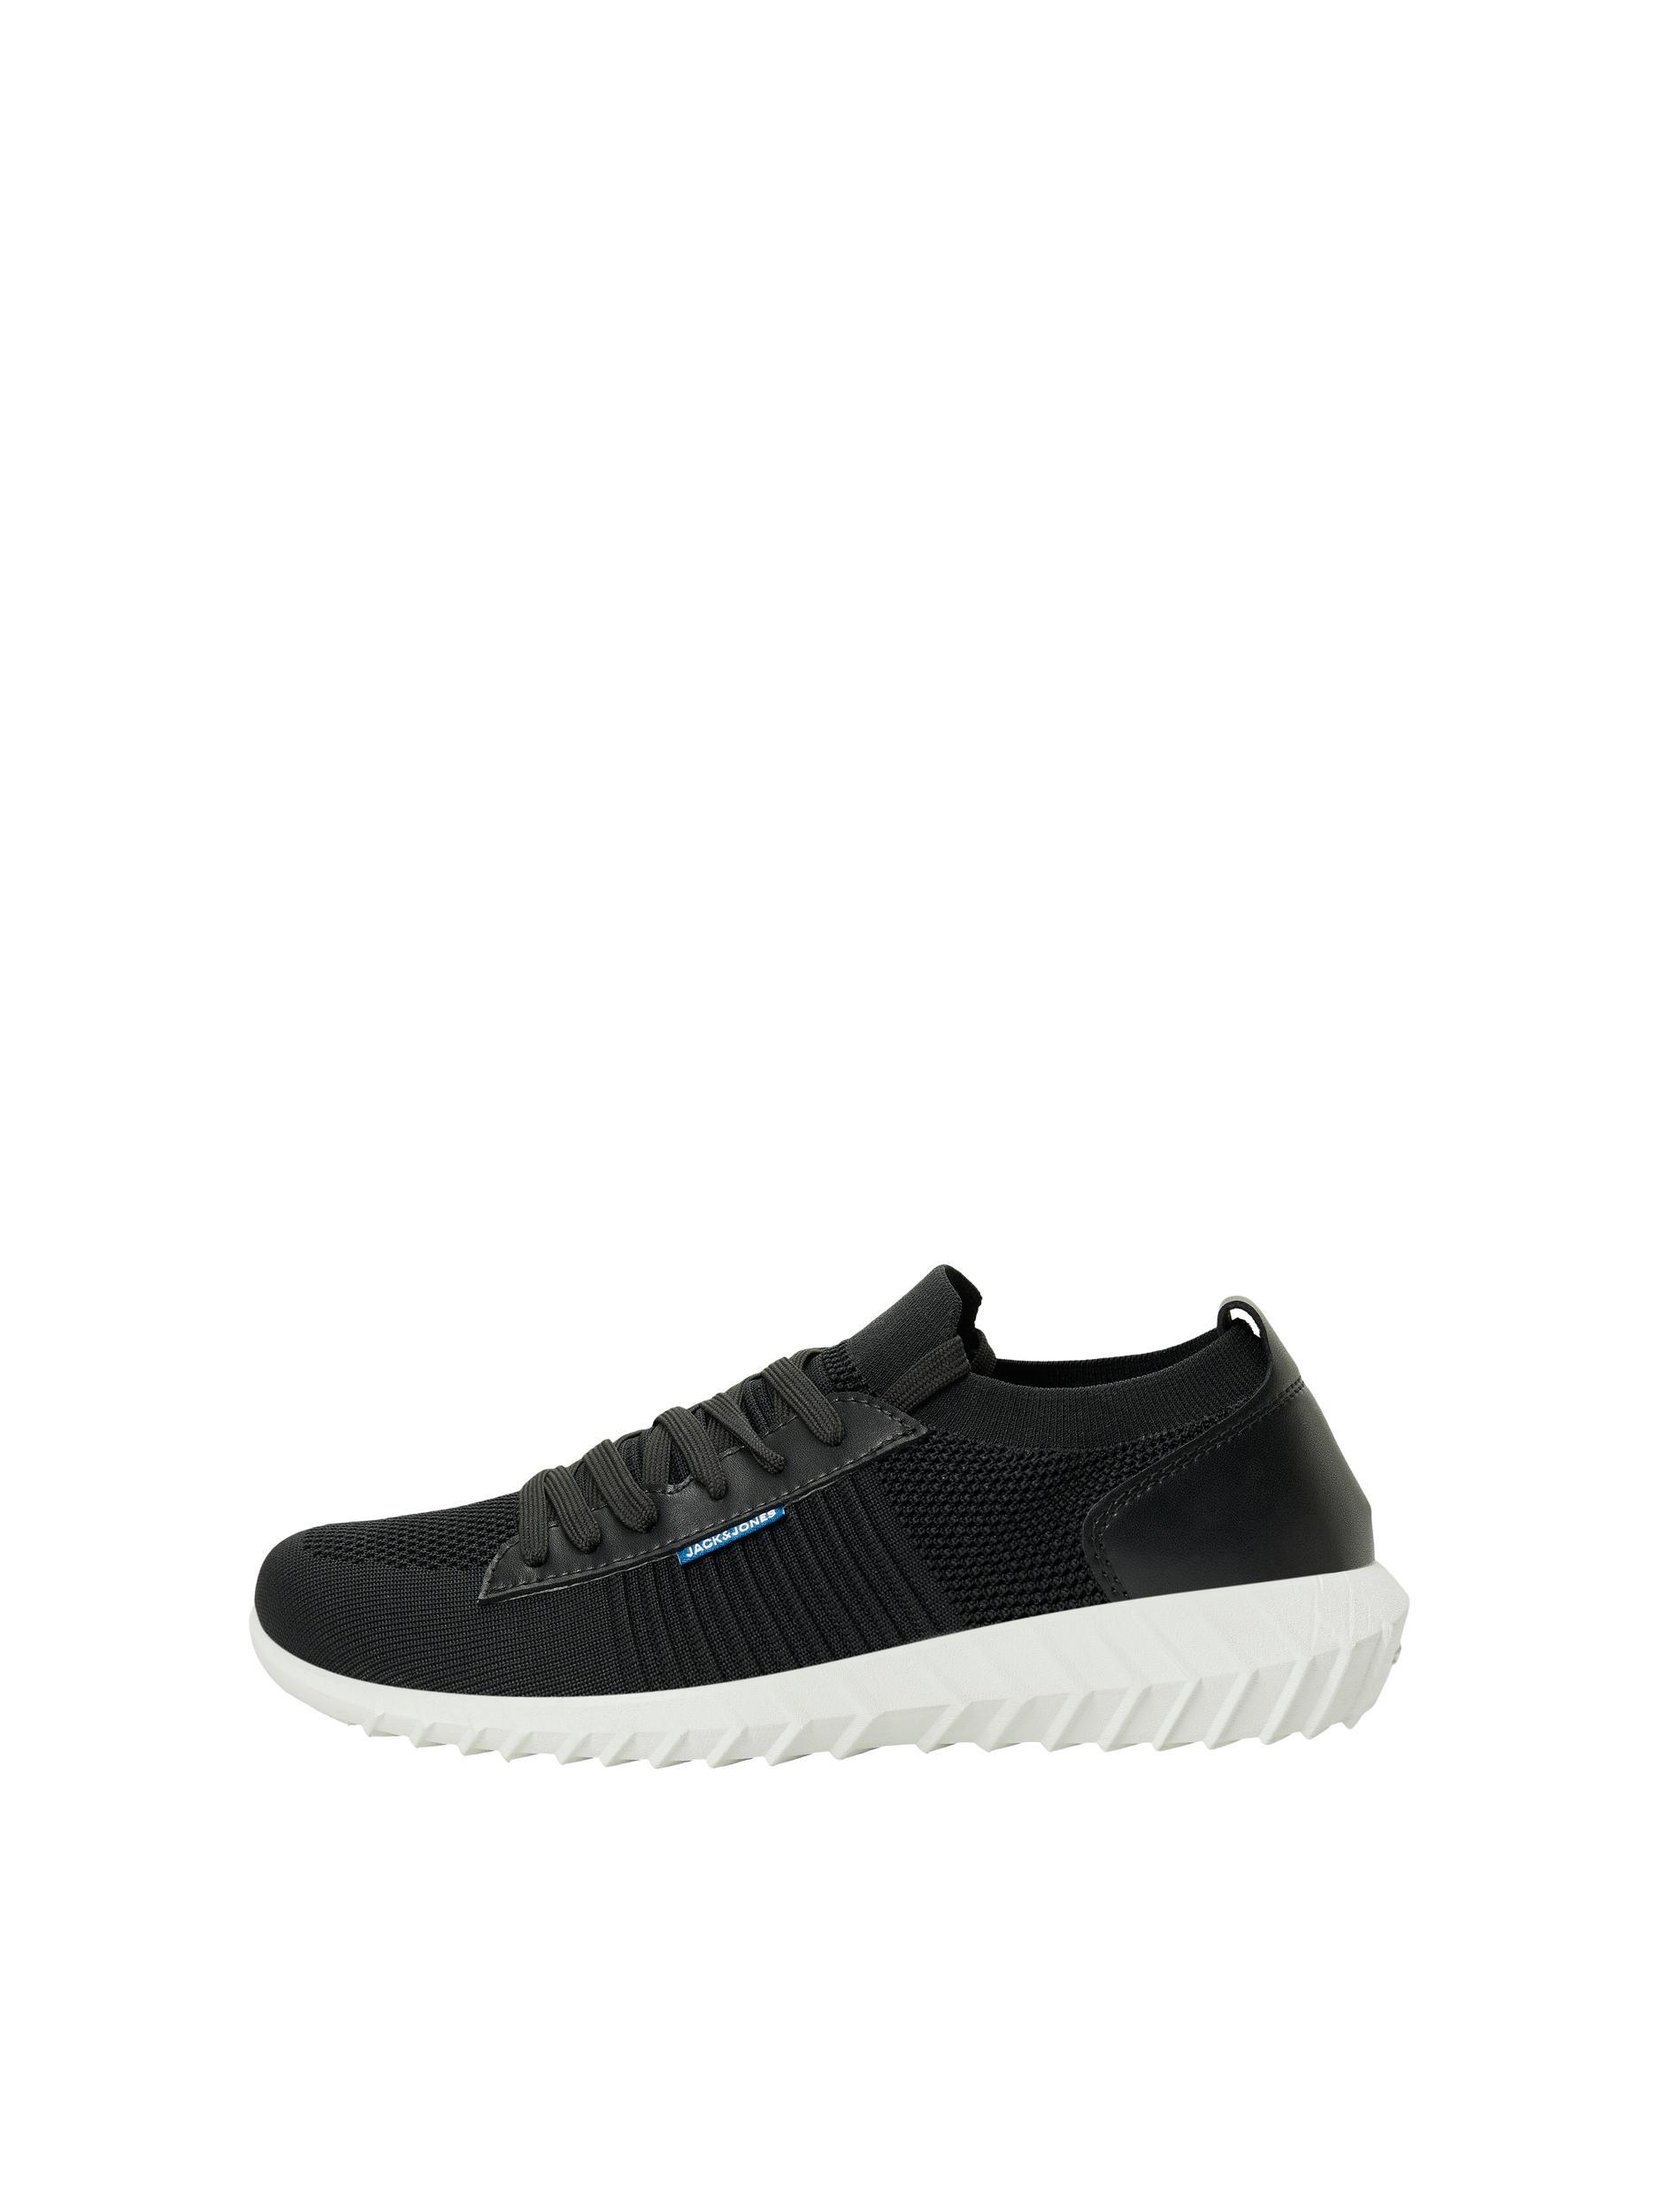 Jack & Jones Tyson Mesh sneakers